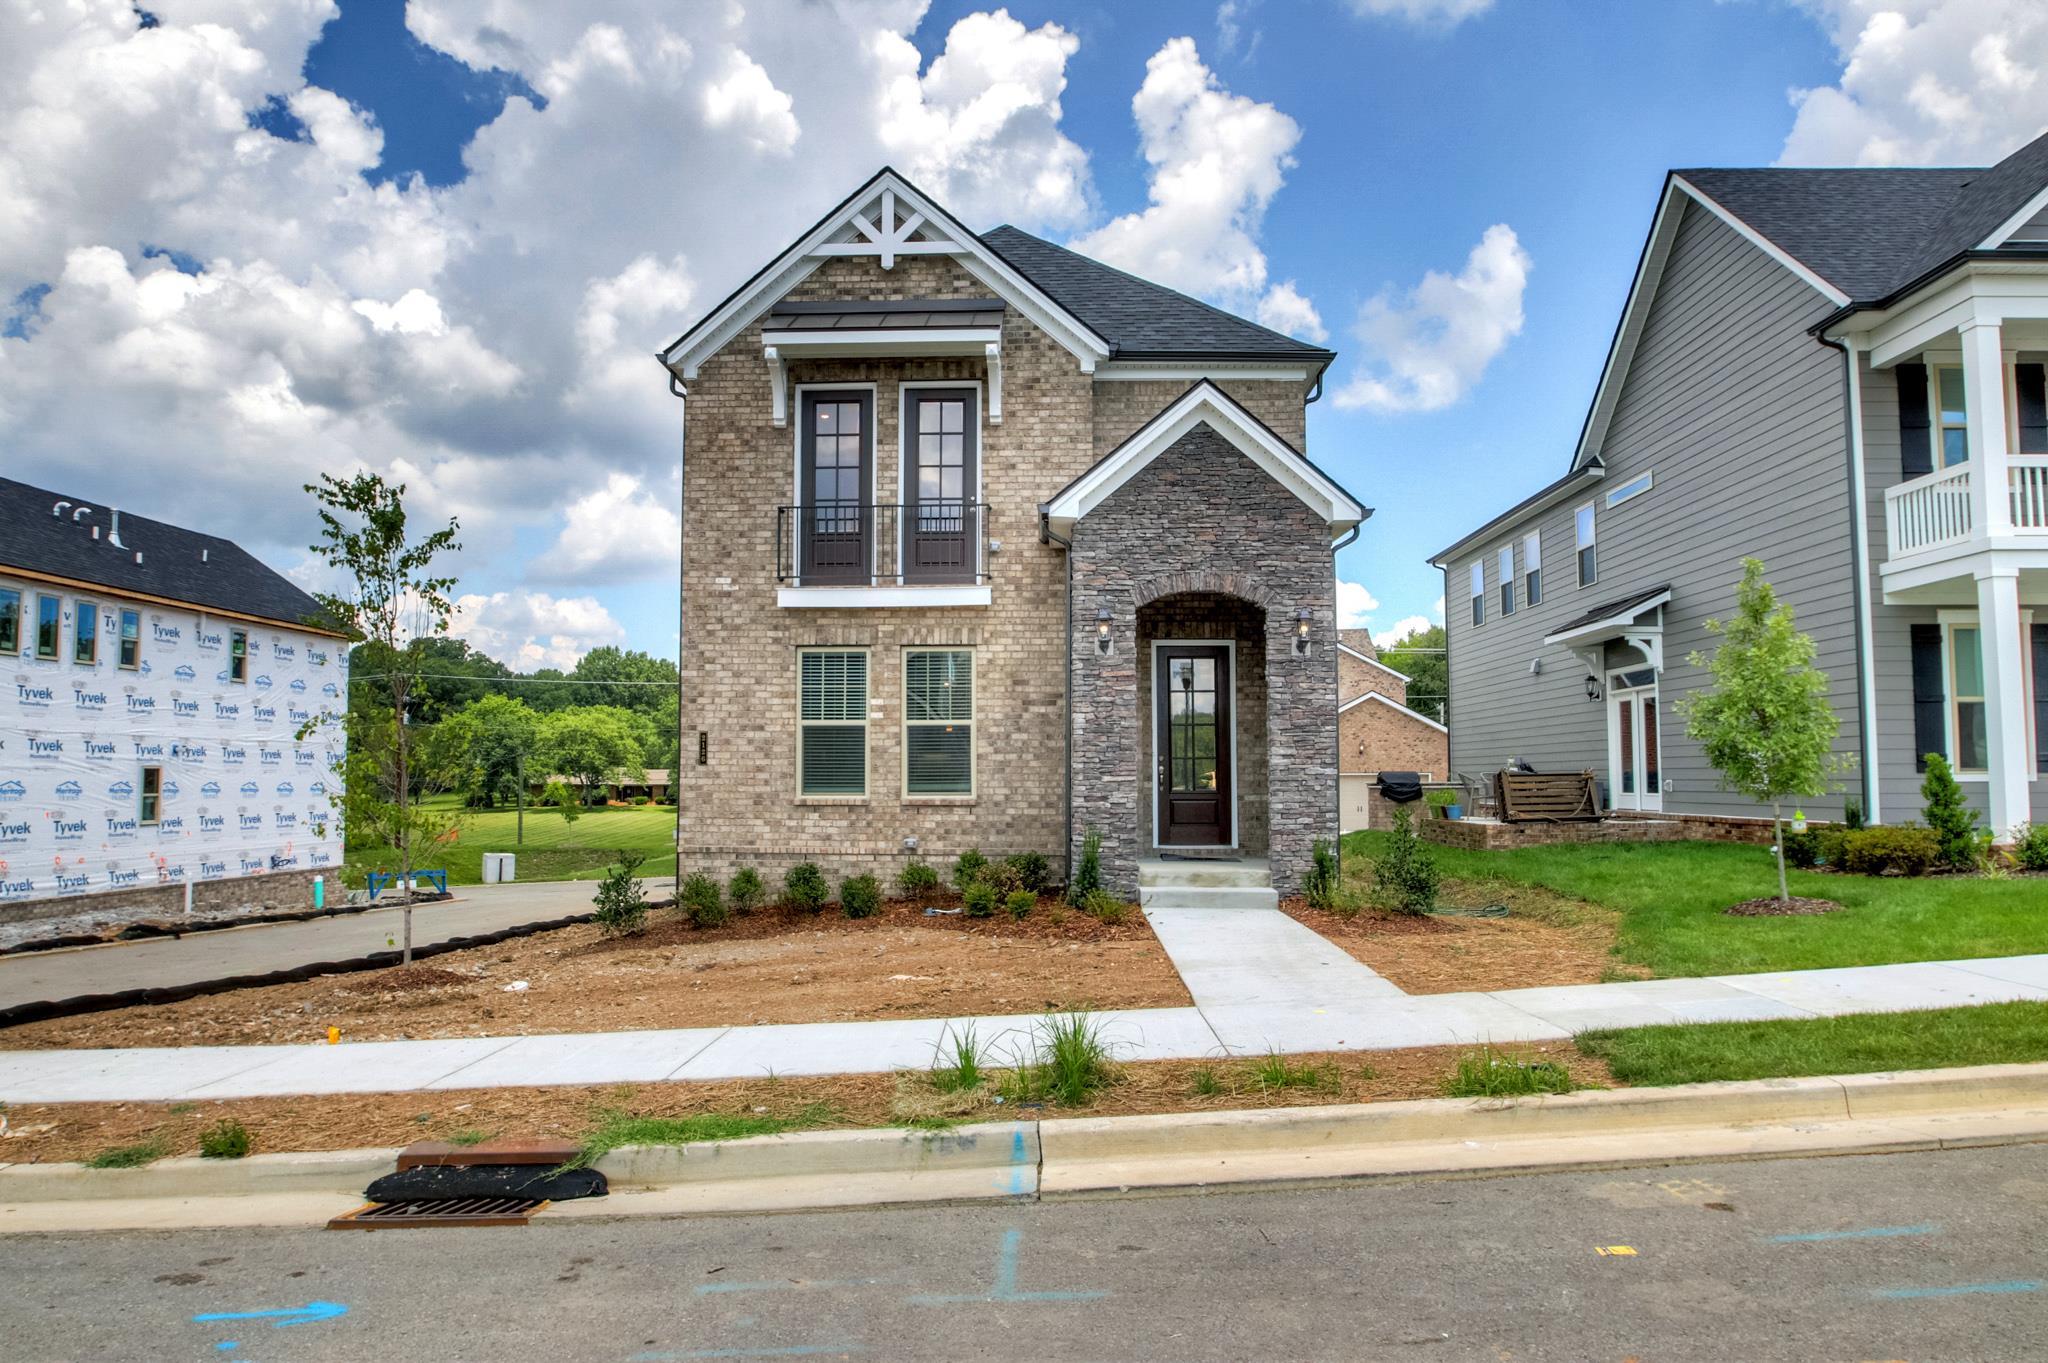 2126 Notchleaf Rd, Antioch, TN 37013 - Antioch, TN real estate listing